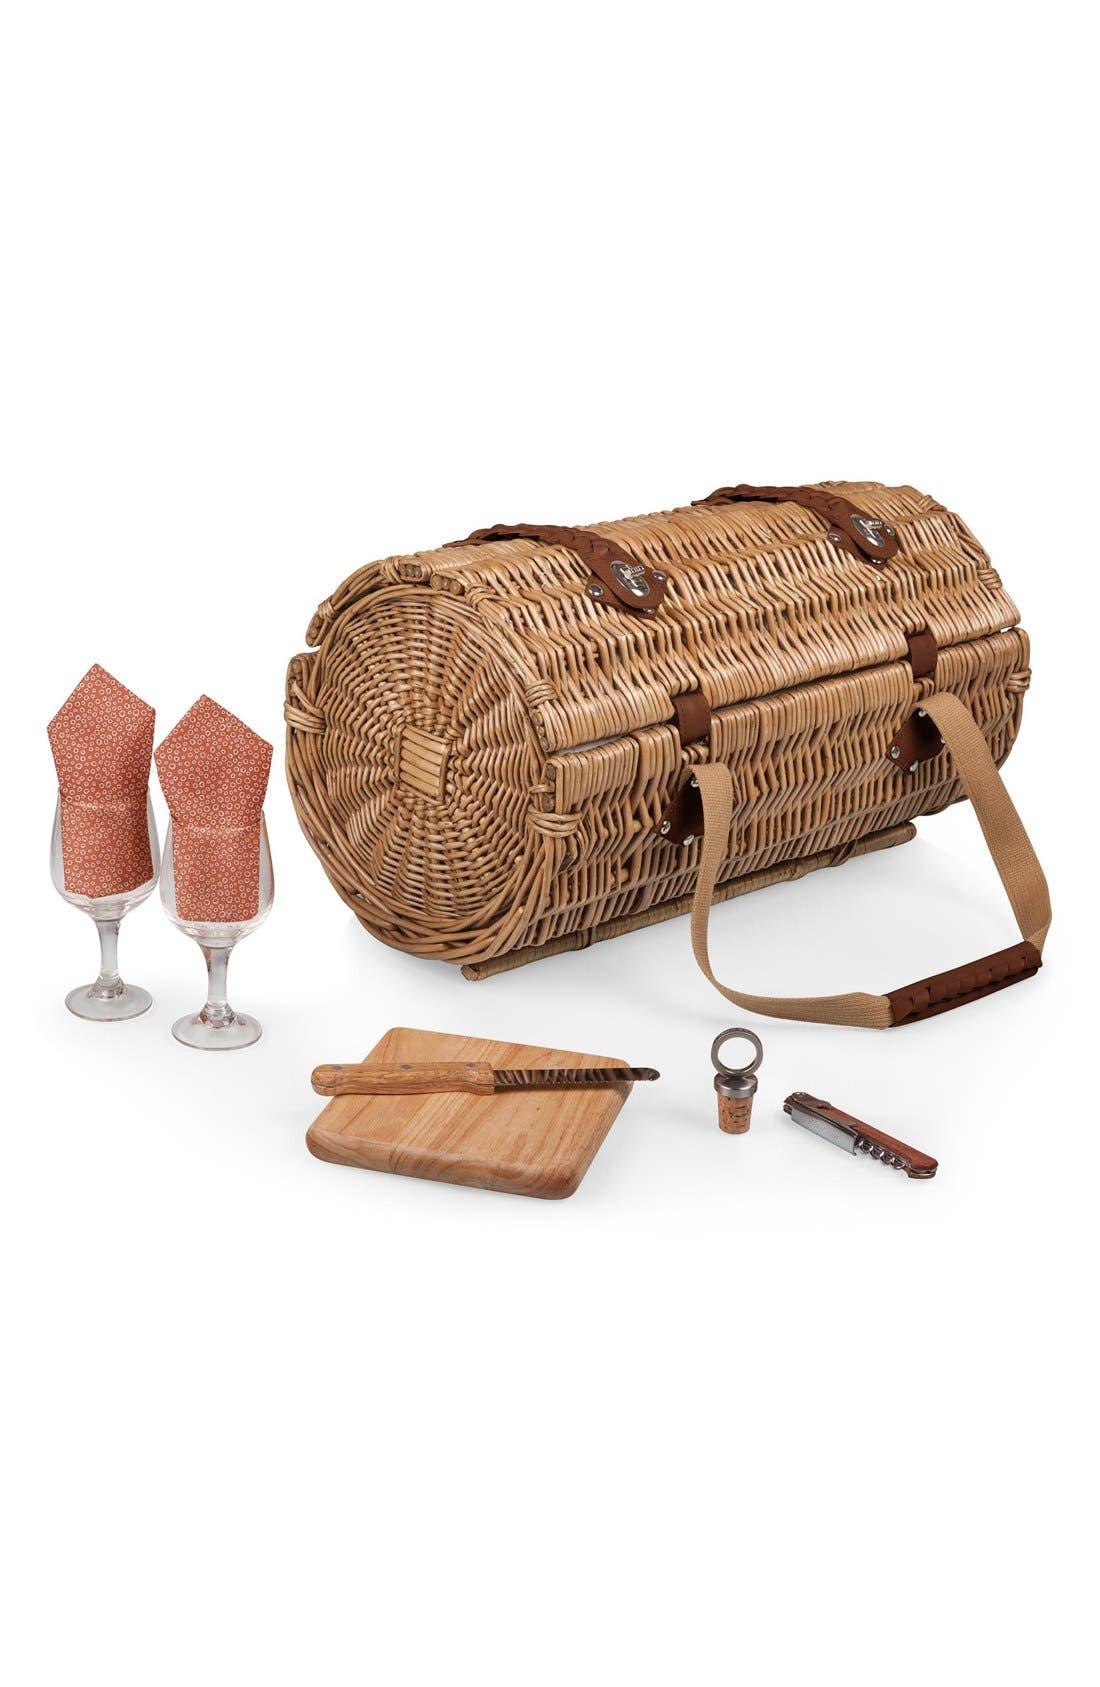 Alternate Image 2  - Picnic Time 'Verona' Wicker Picnic Basket